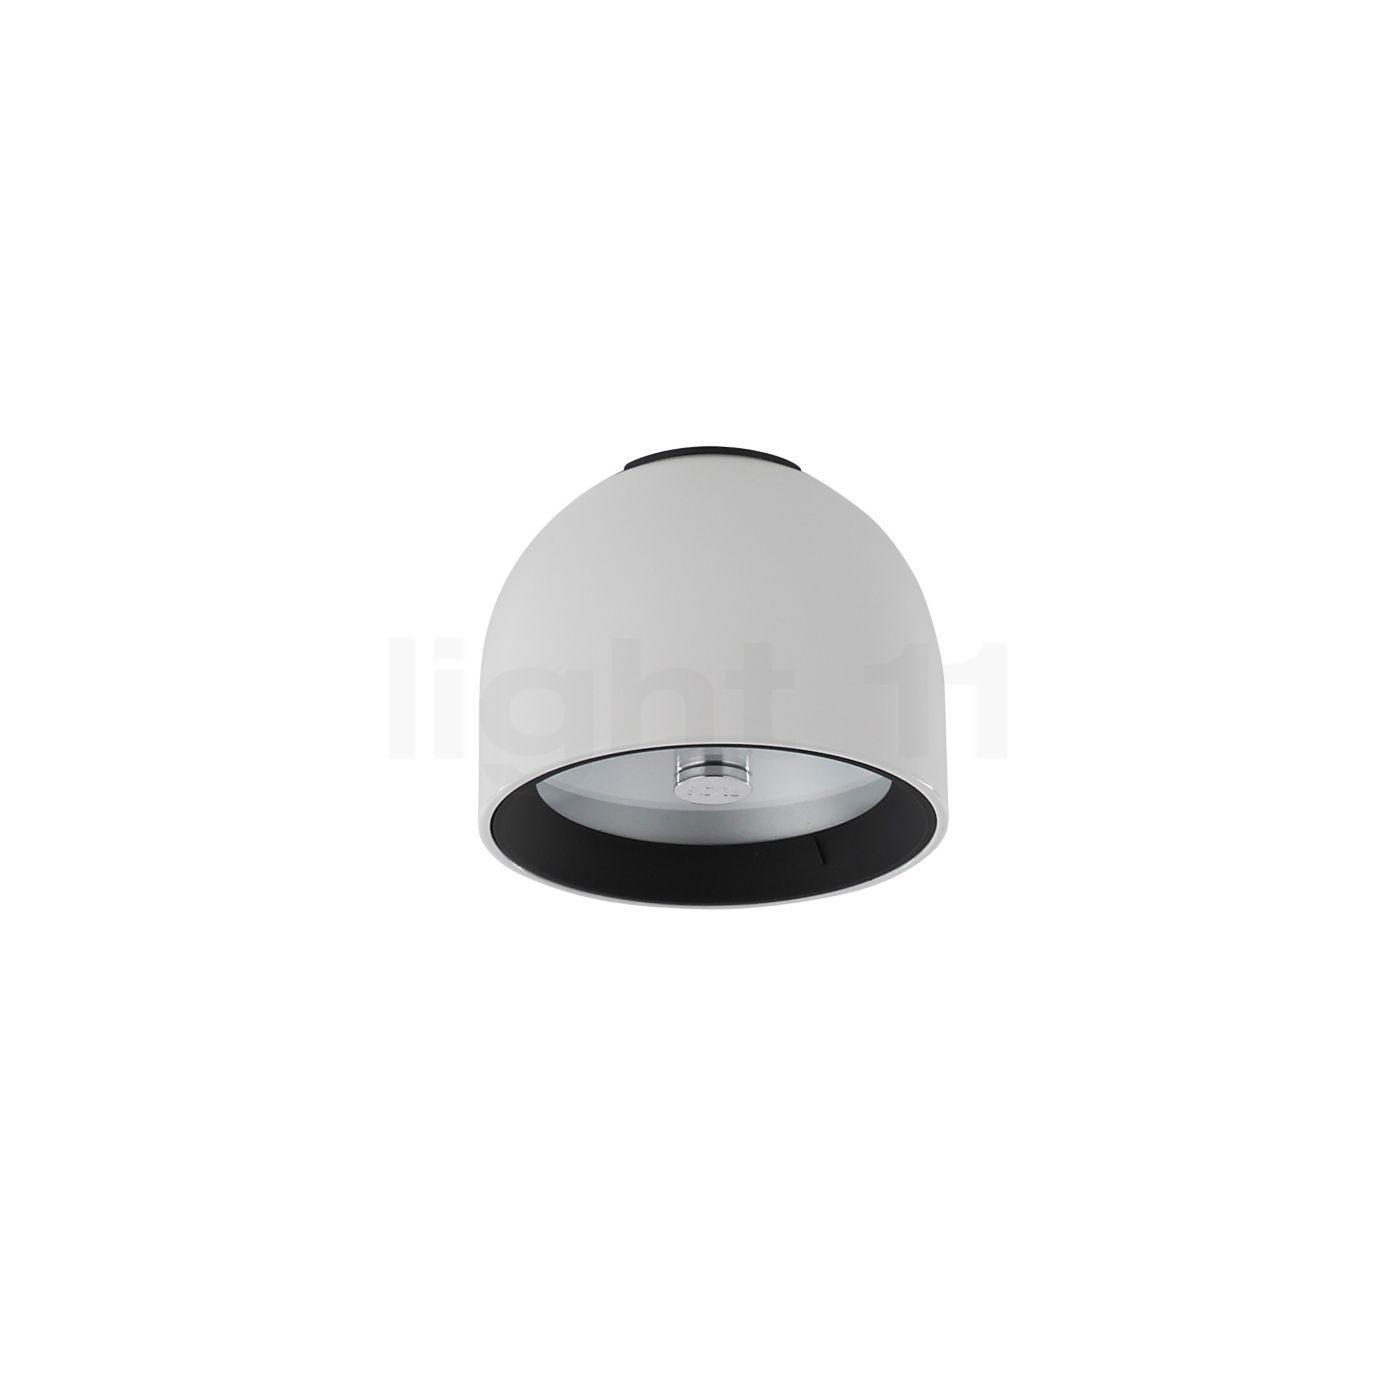 product ceiling lighting watt equivalent white bulbs cool light led